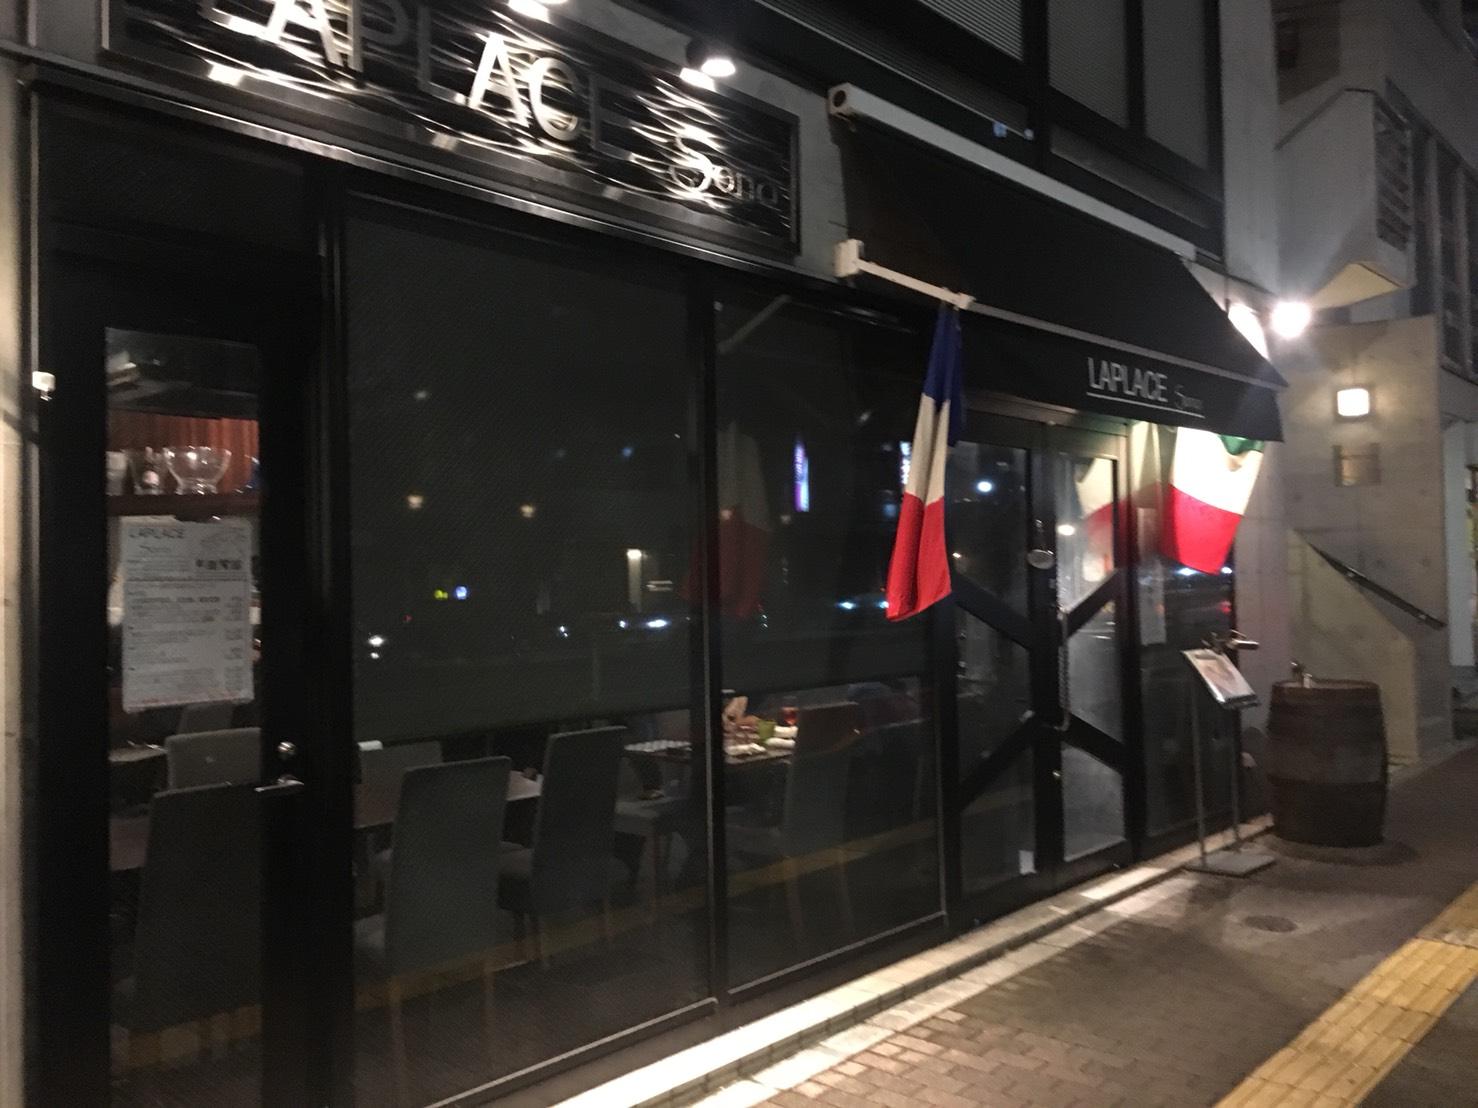 【池袋駅】リーズナブルなフレンチ&イタリアン「LAPLACE SONO 池袋店」の外観